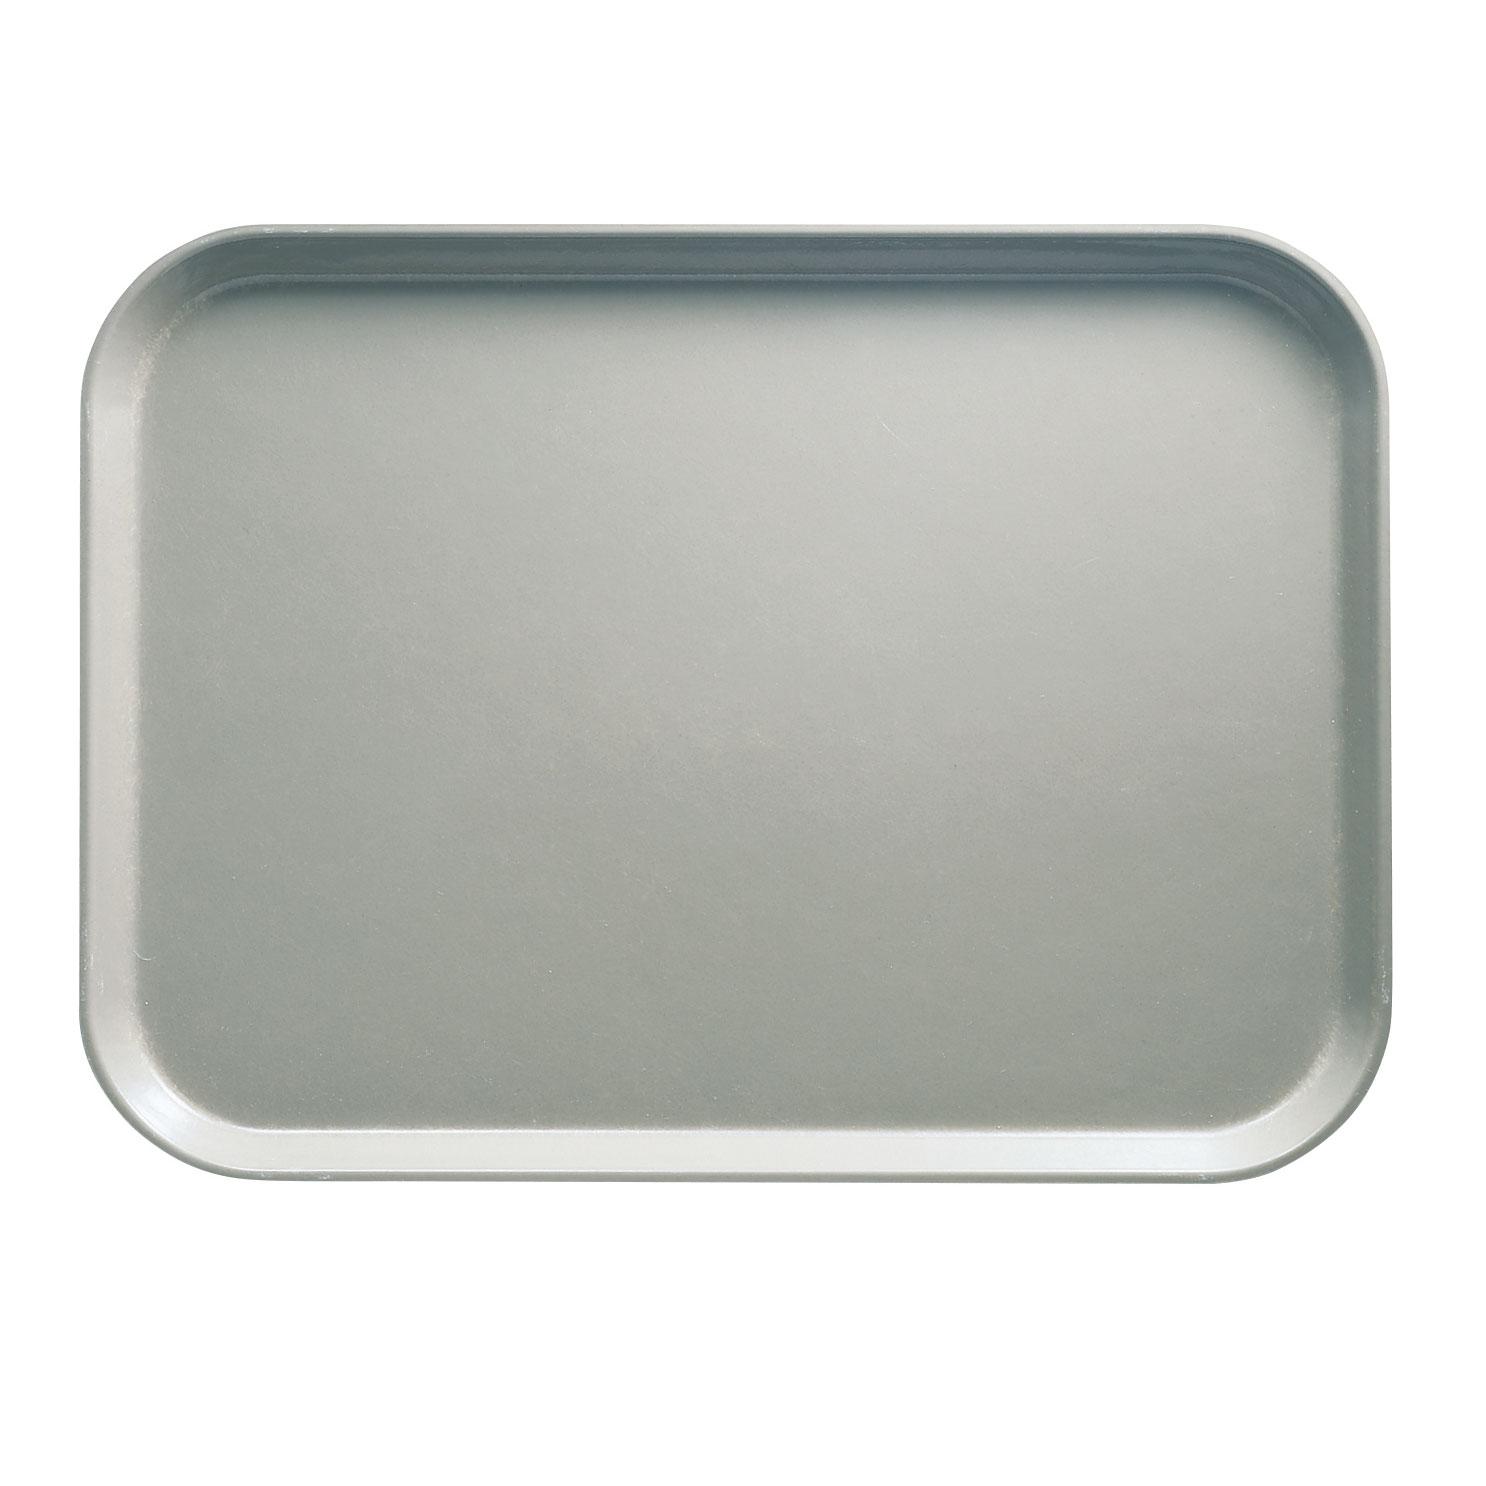 Cambro 1014199 cafeteria tray